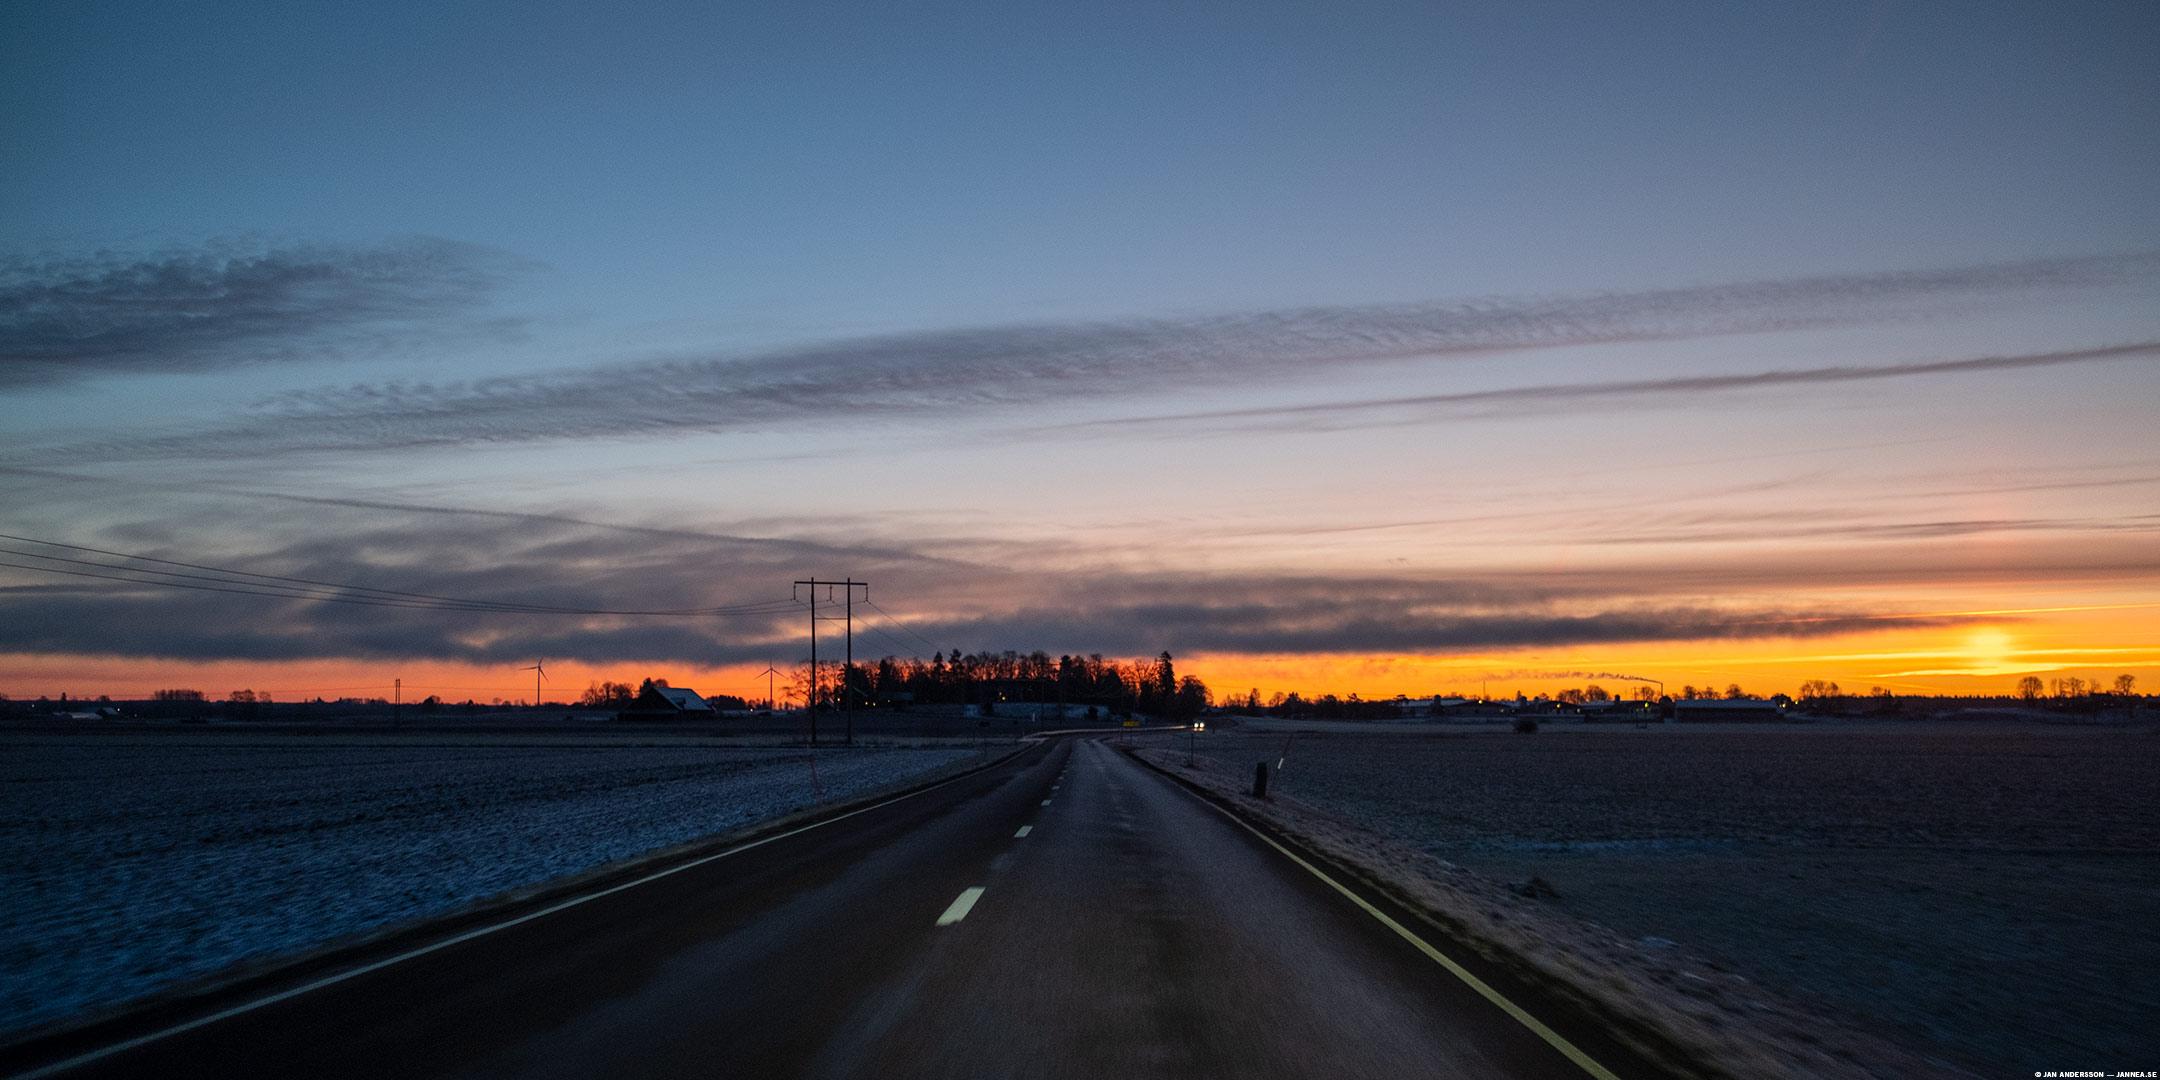 Snart kommer ljuset tillbaka |© Janne A